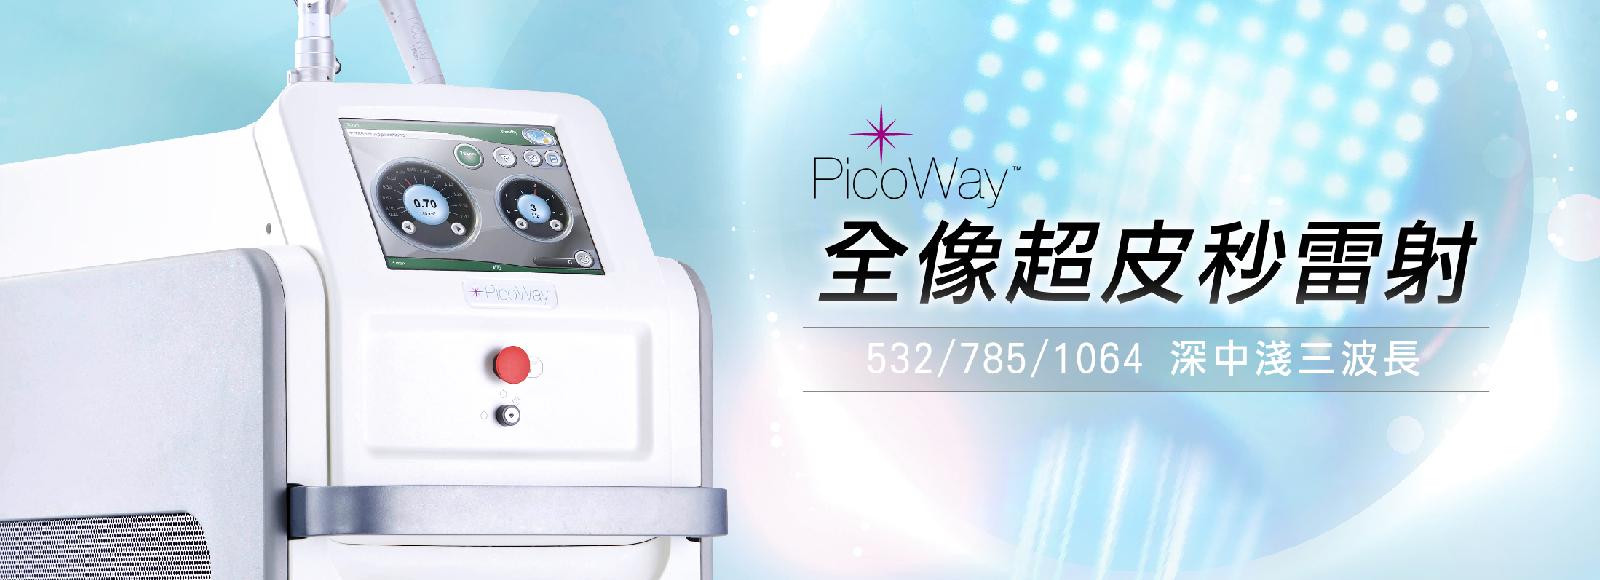 PicoWay全像超皮秒(俗稱:美國二代皮秒)